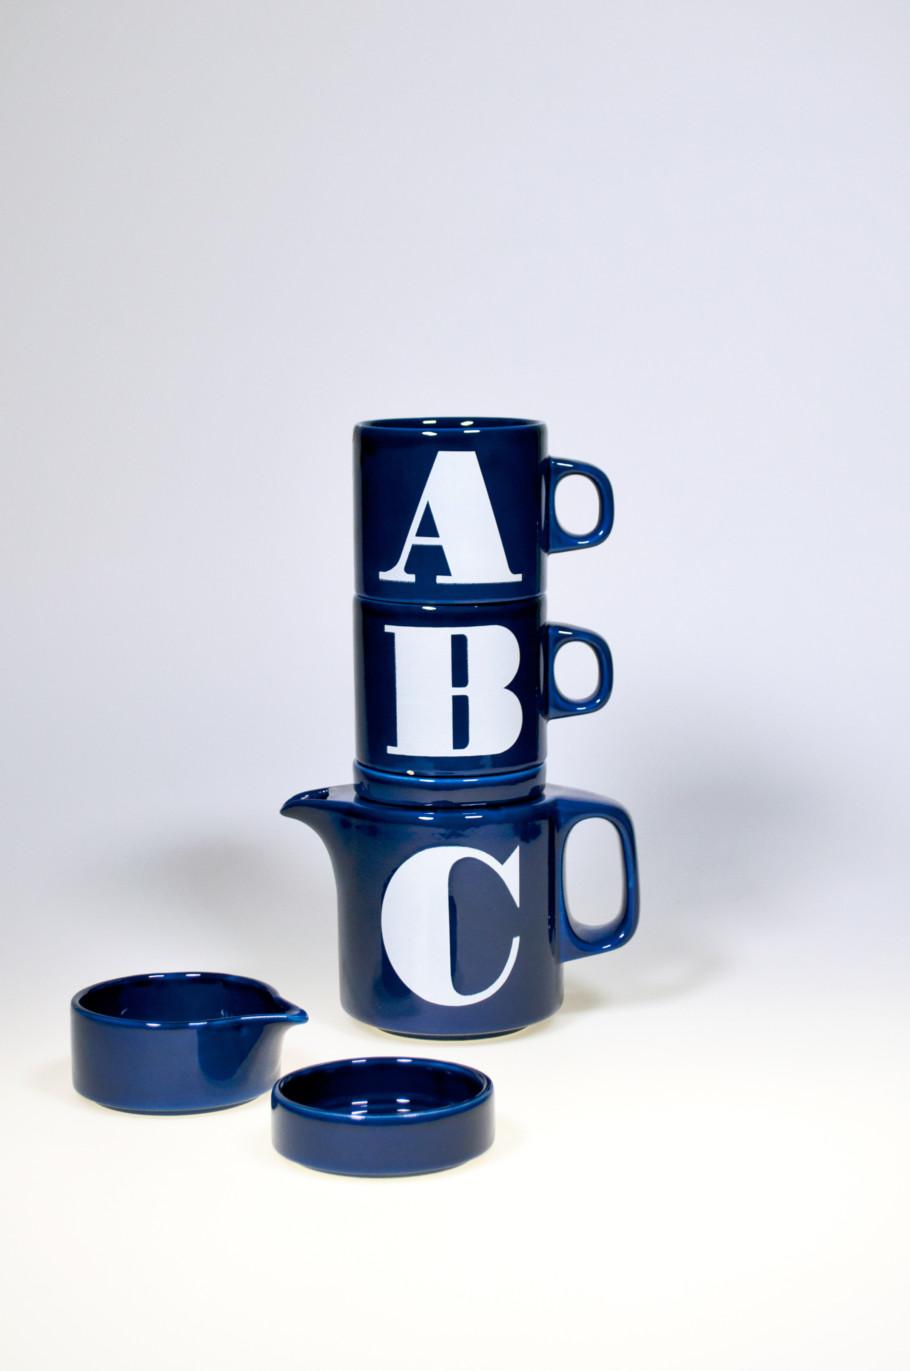 Service ABC, Waechtersbach Keramik, Steingut gegossen und glasiert, Entwurf Lore Kramer (1970/71)